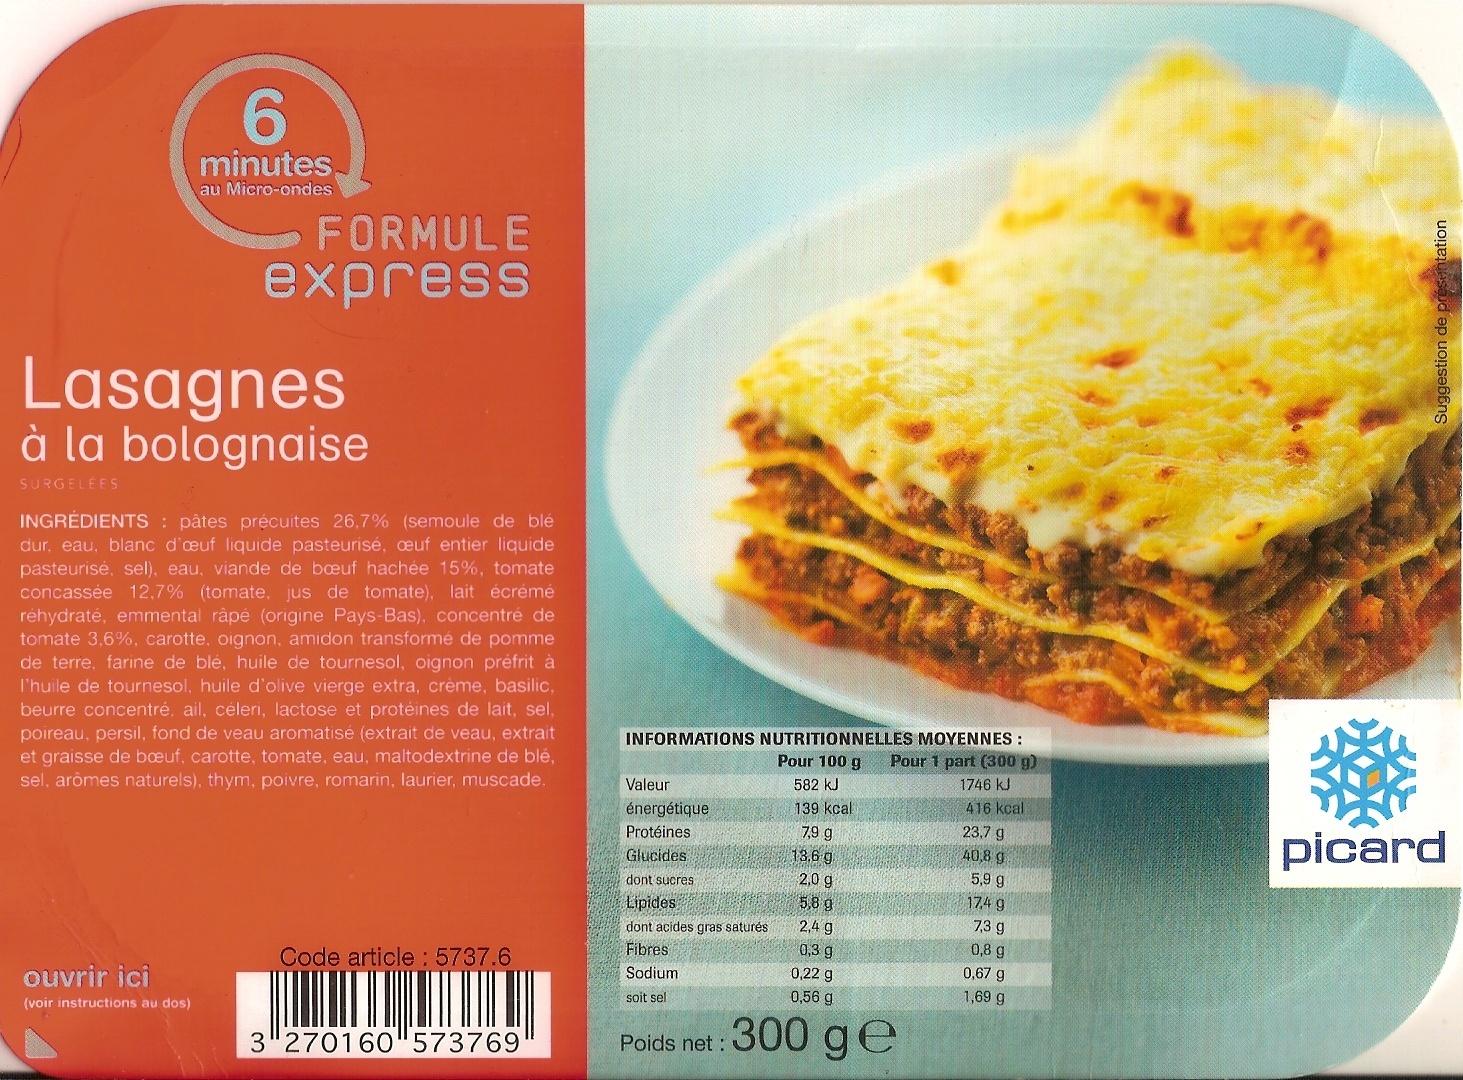 Lasagnes à la bolognaise, Surgelées - Product - fr